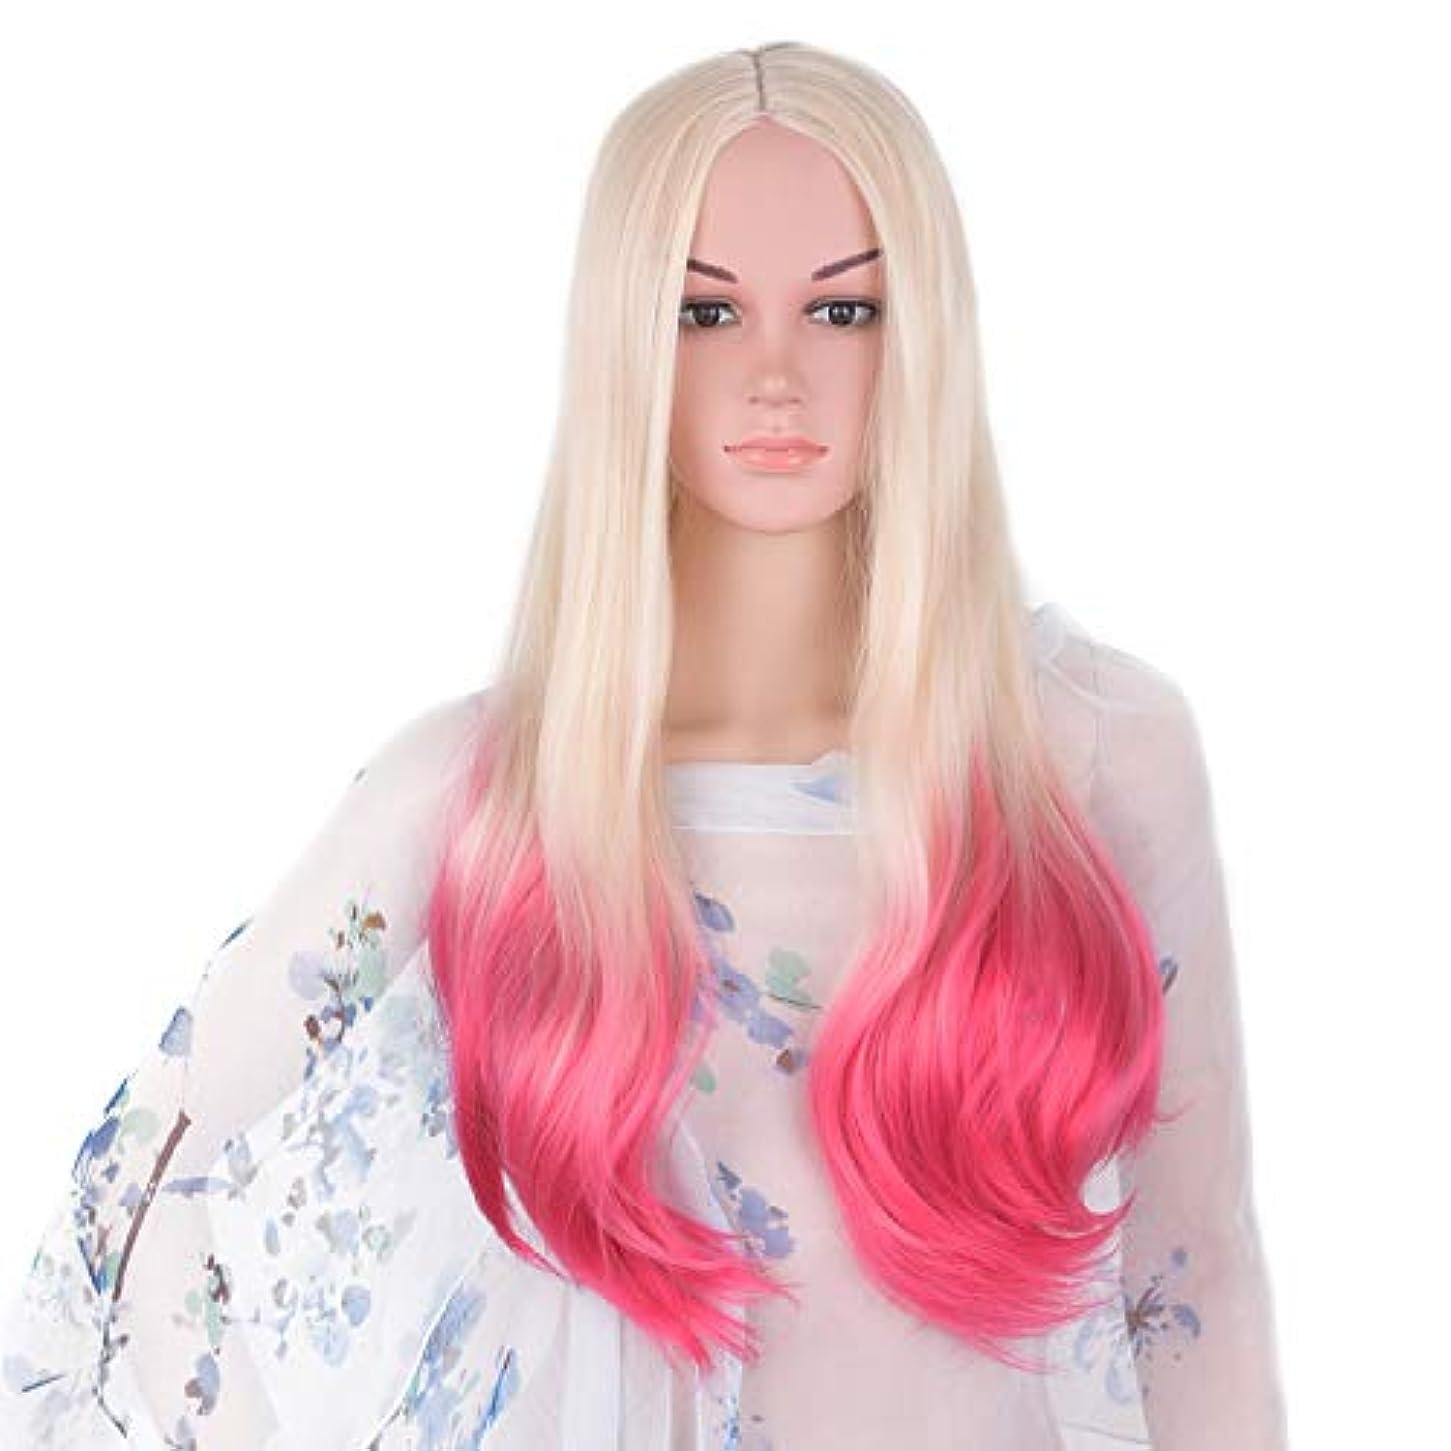 供給ミネラルガイドウィッグ つけ毛 ロングウェーブのかかったカーリーミドルパーティング合成かつら女性コスチュームコスプレウィッグパーティーウィッグ耐熱交換 (色 : Beige Ombre Pink, サイズ : 24